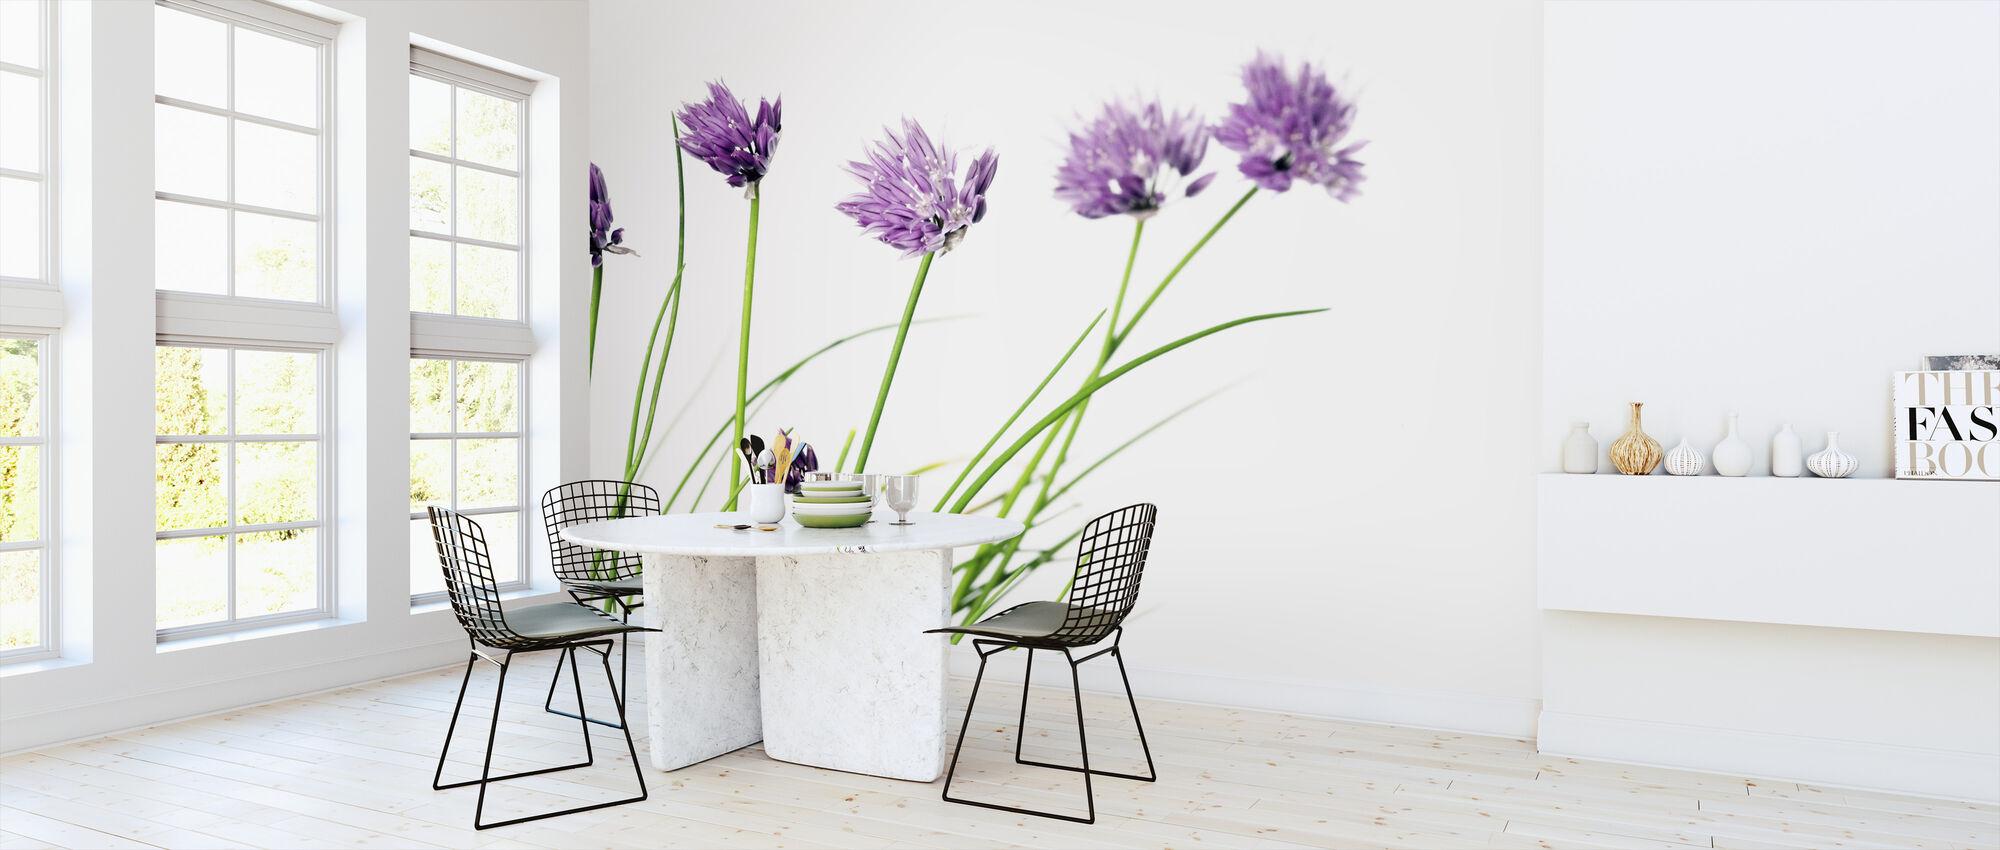 Lovely Flowers - Wallpaper - Kitchen